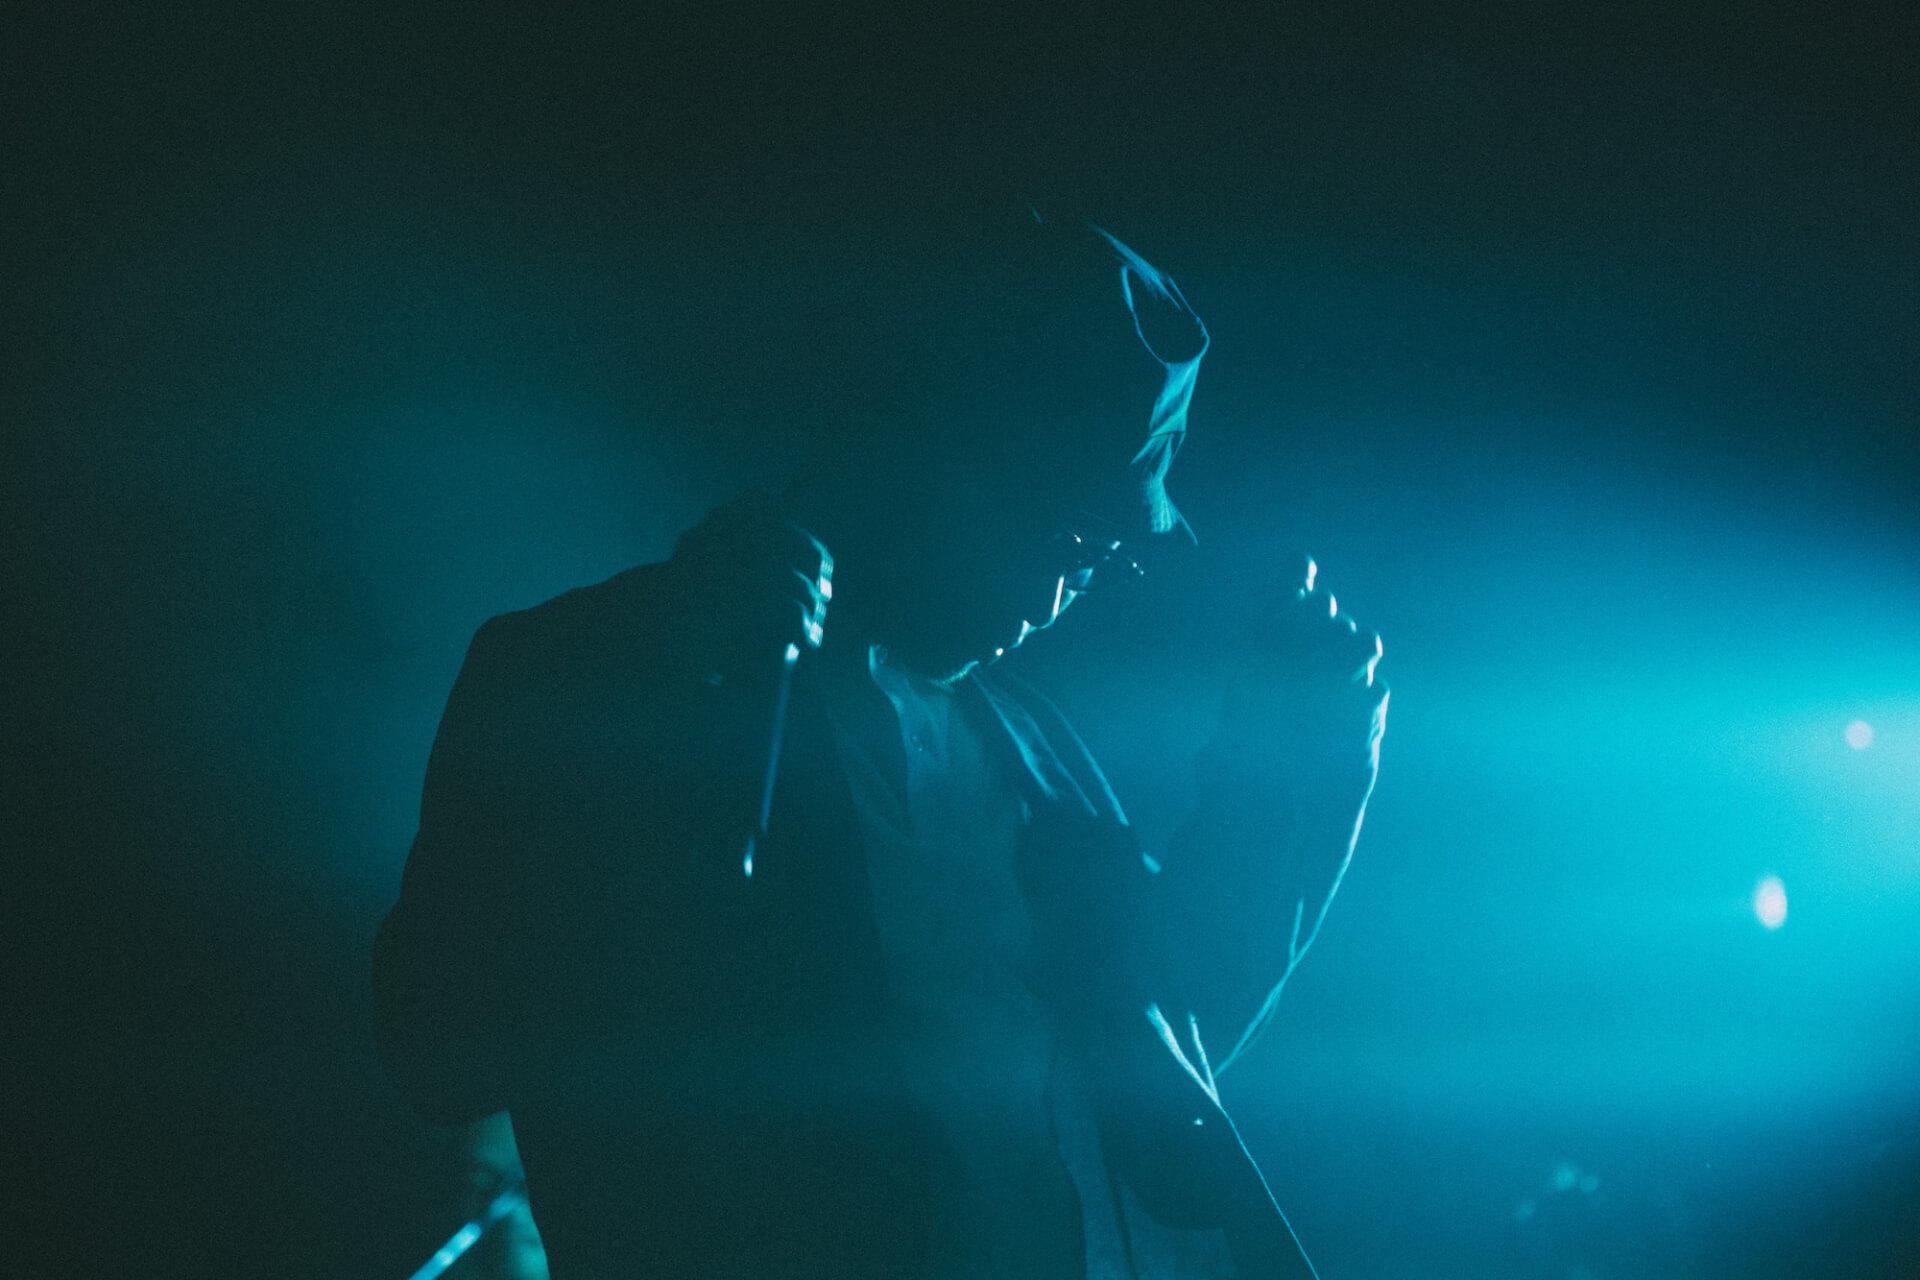 ライブレポート:WWW 10th Anniversary BIM × Yogee New Waves━━生活と分かち難いライブの喜び music210624-bim-yogee-new-waves-2